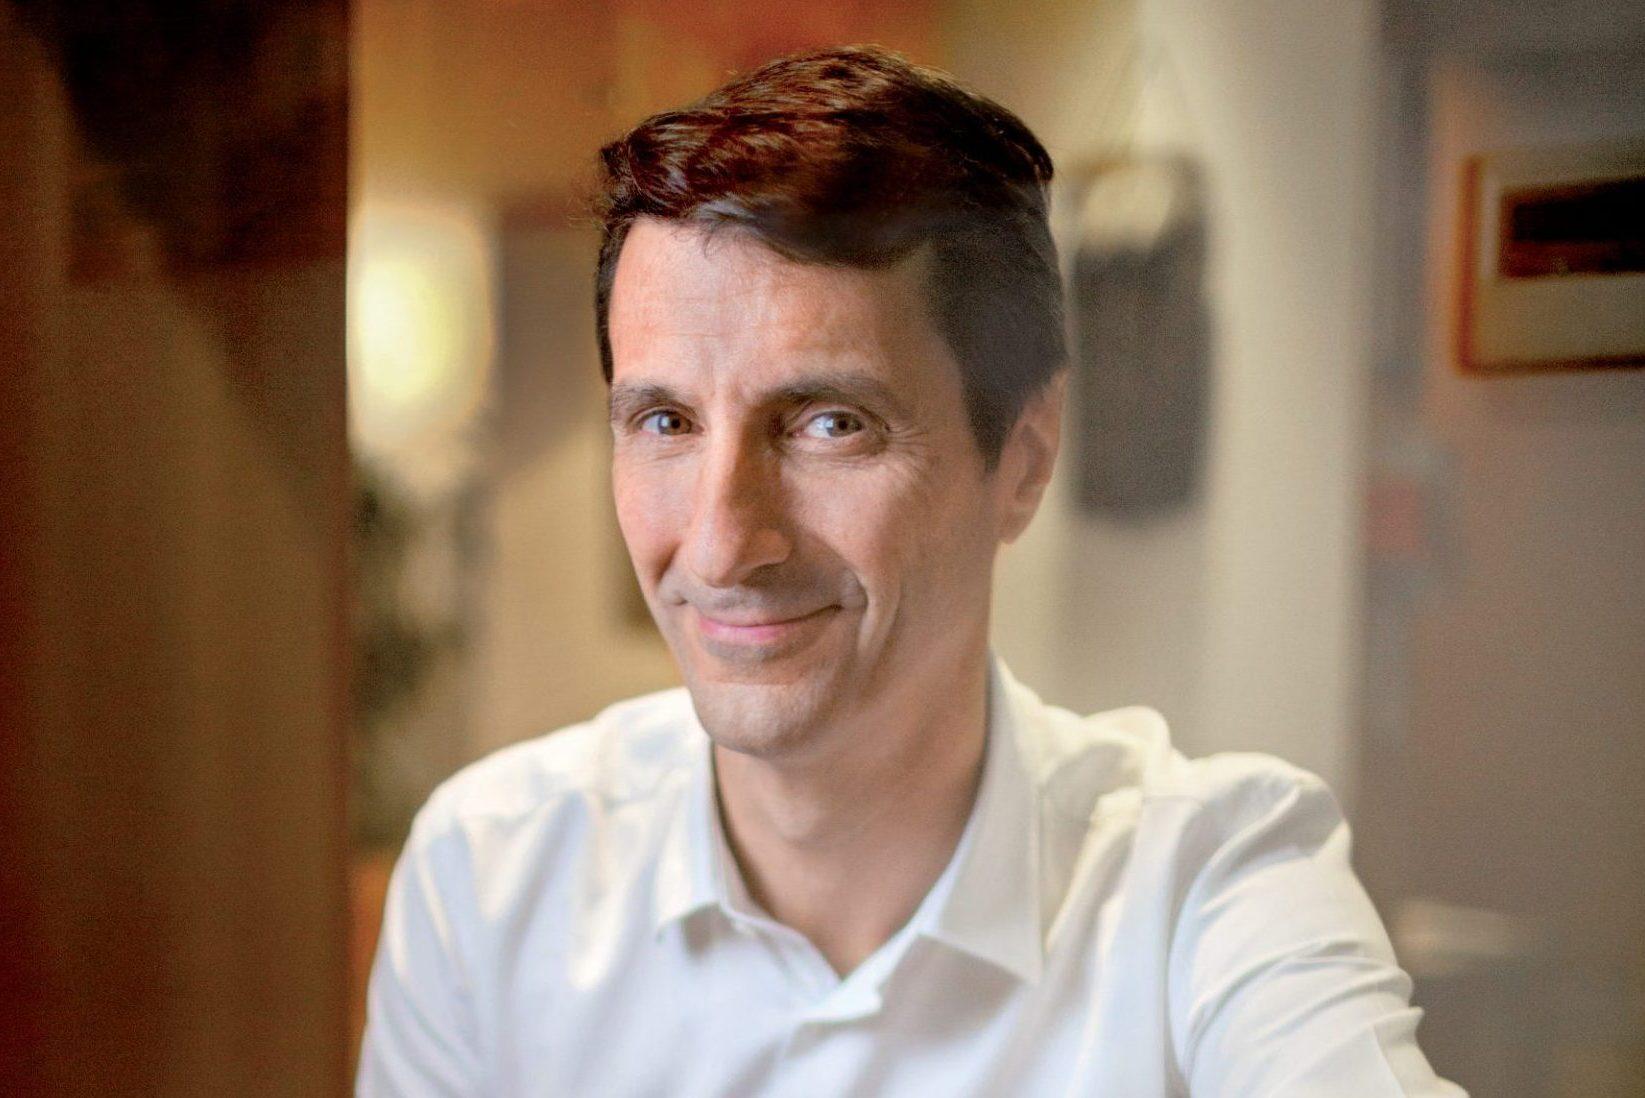 Eric Balian - Directeur Général de Terre d'aventure - Portrait interview